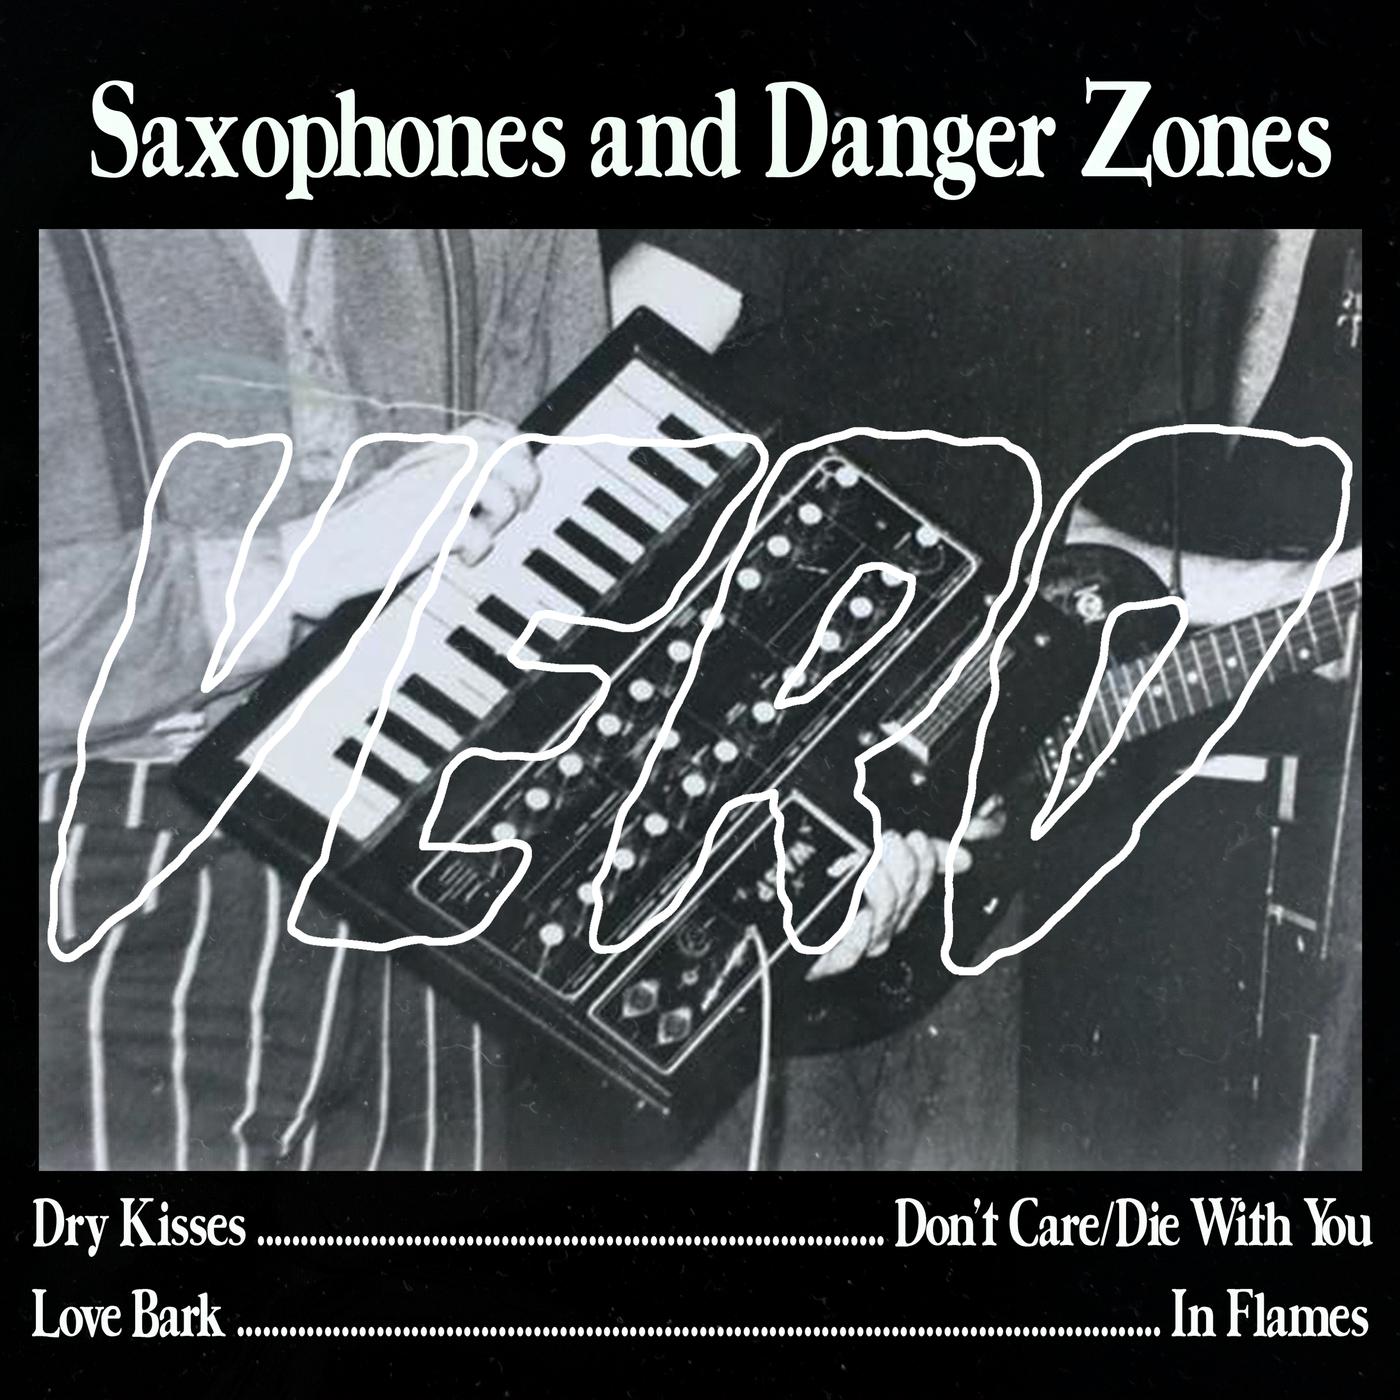 Saxophones and Danger Zones - VERO